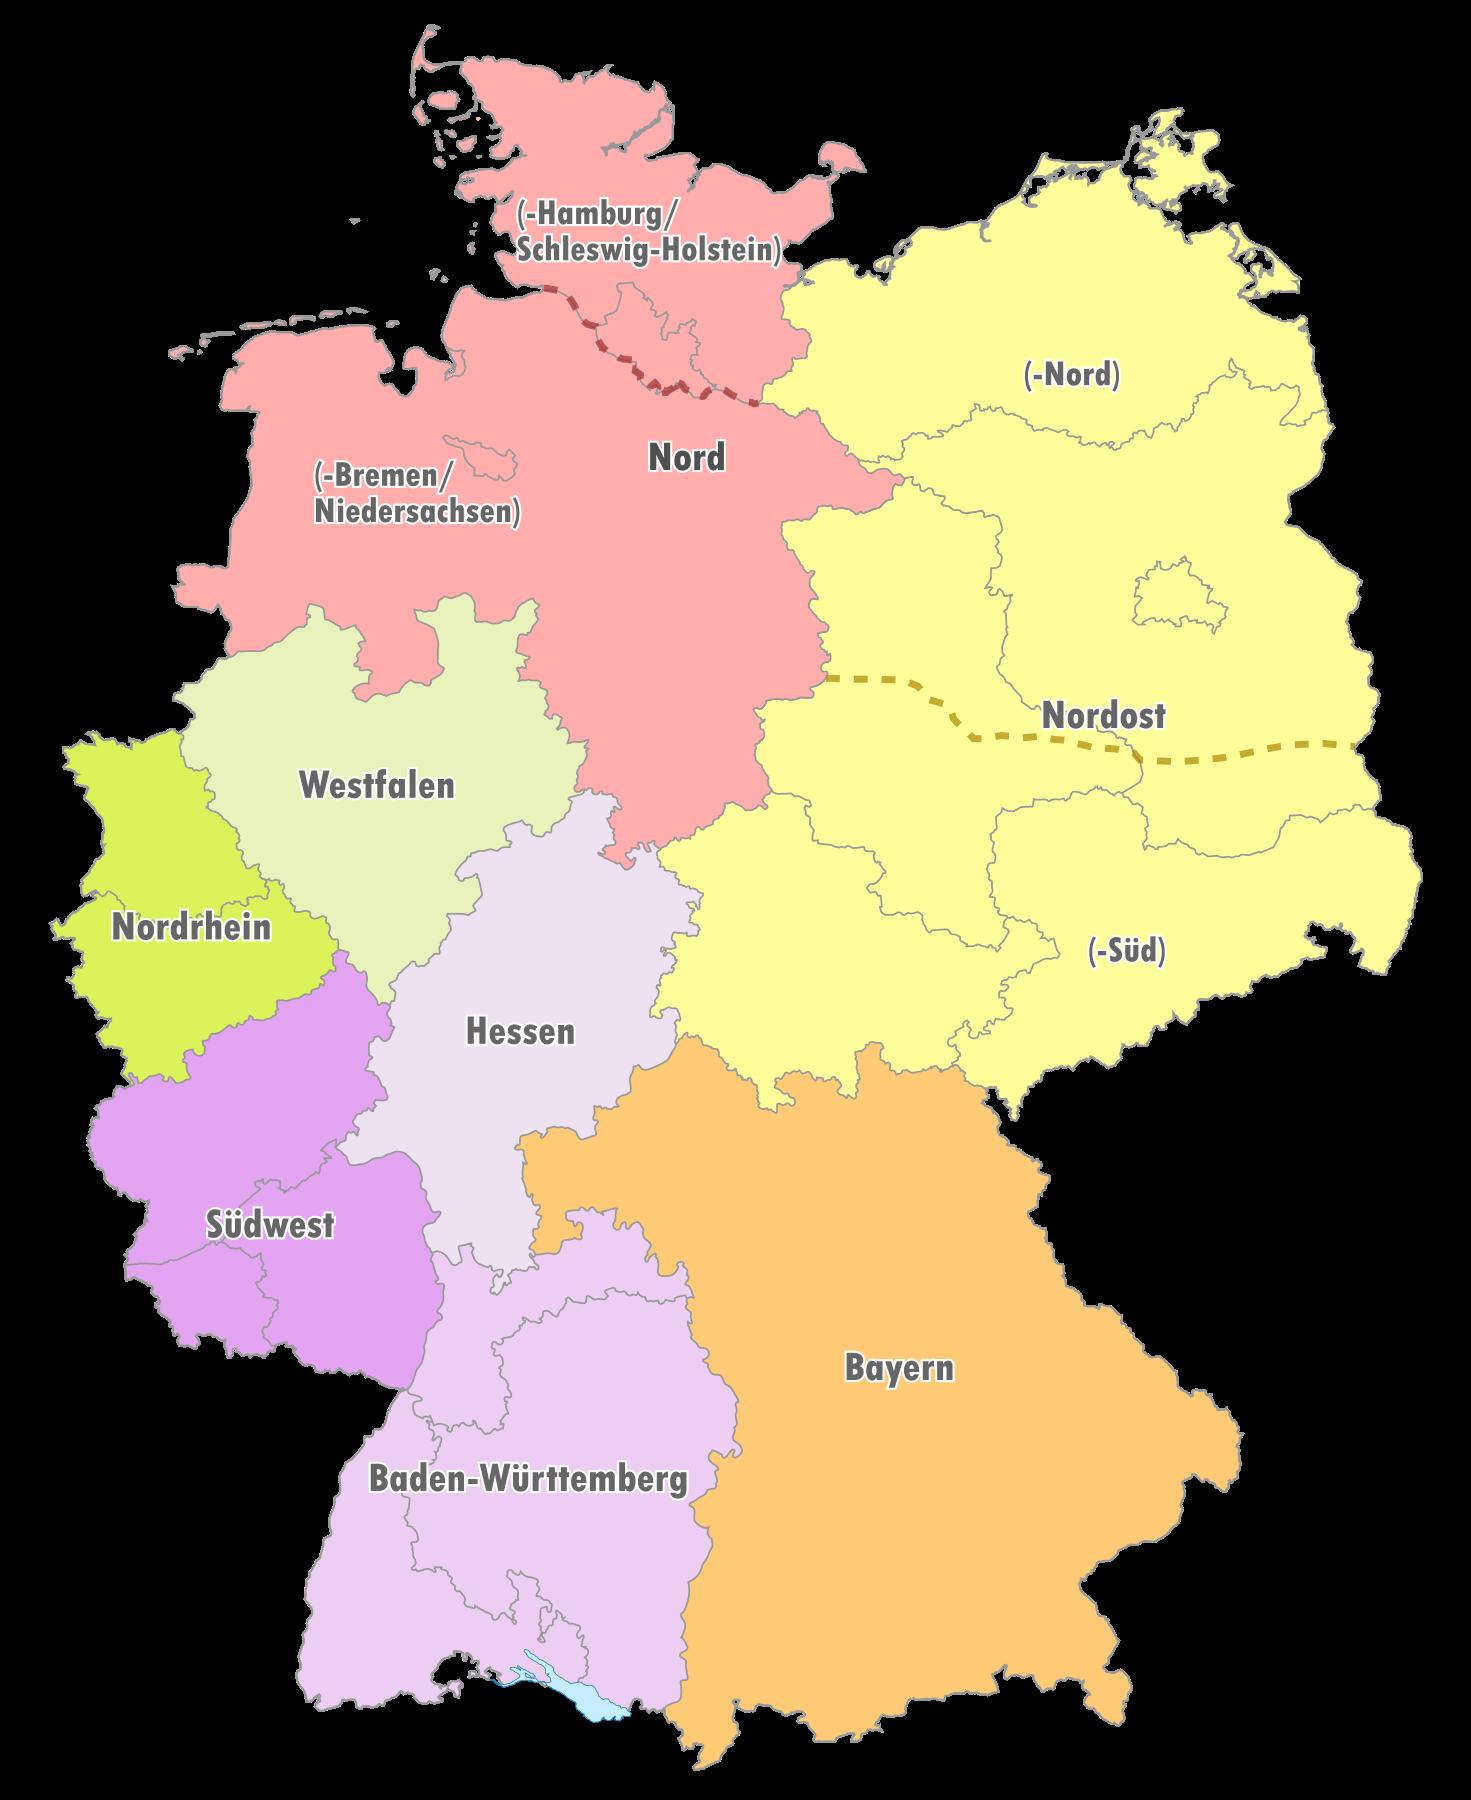 Geografische Einteilung der Oberligen zur Saison 2000/01